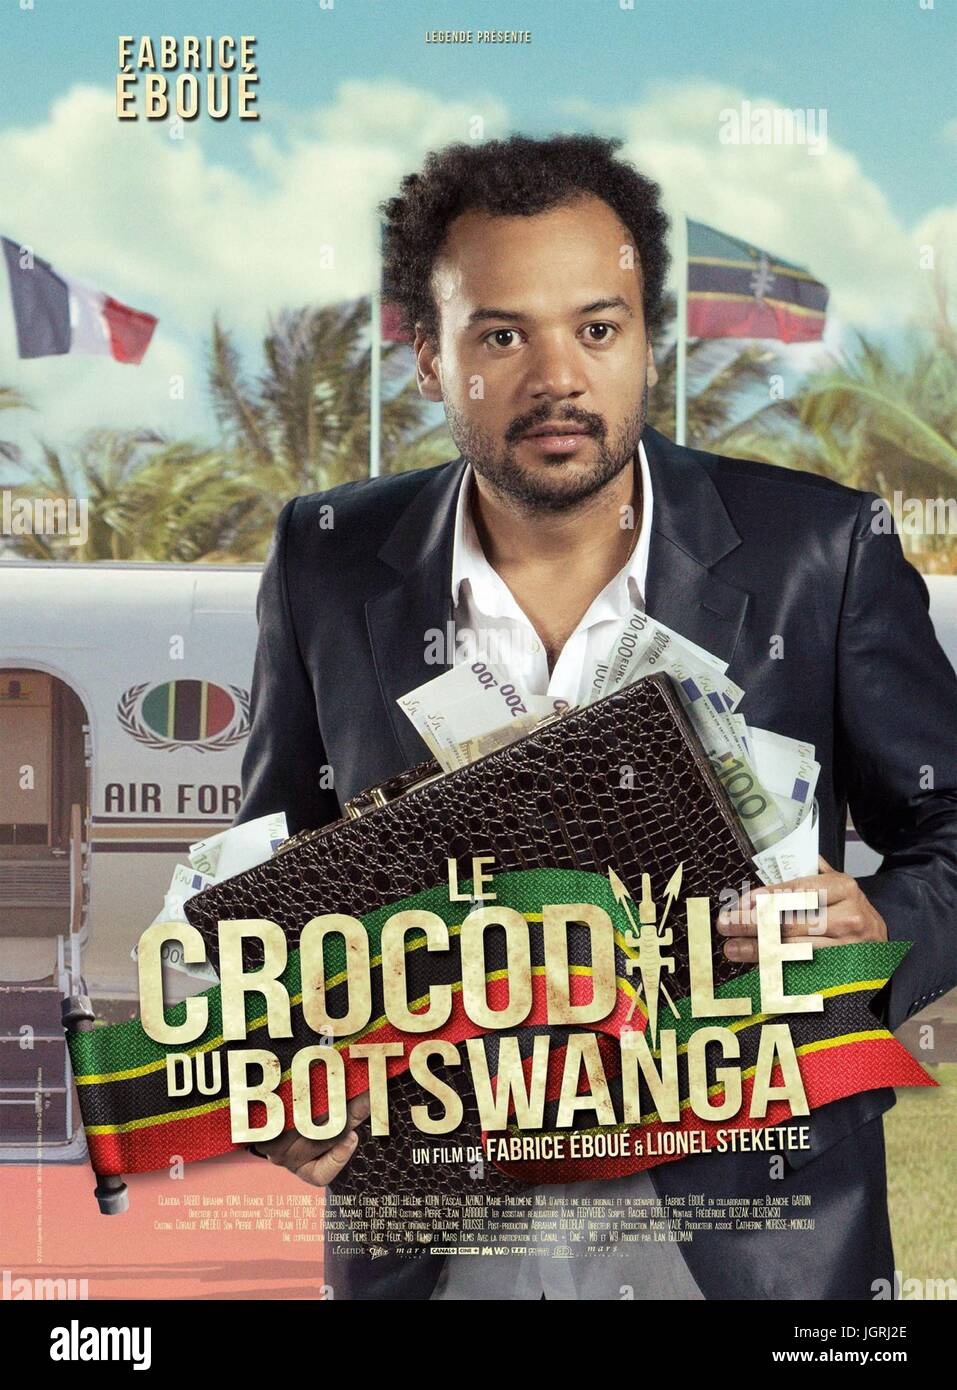 crocodile du botswanga